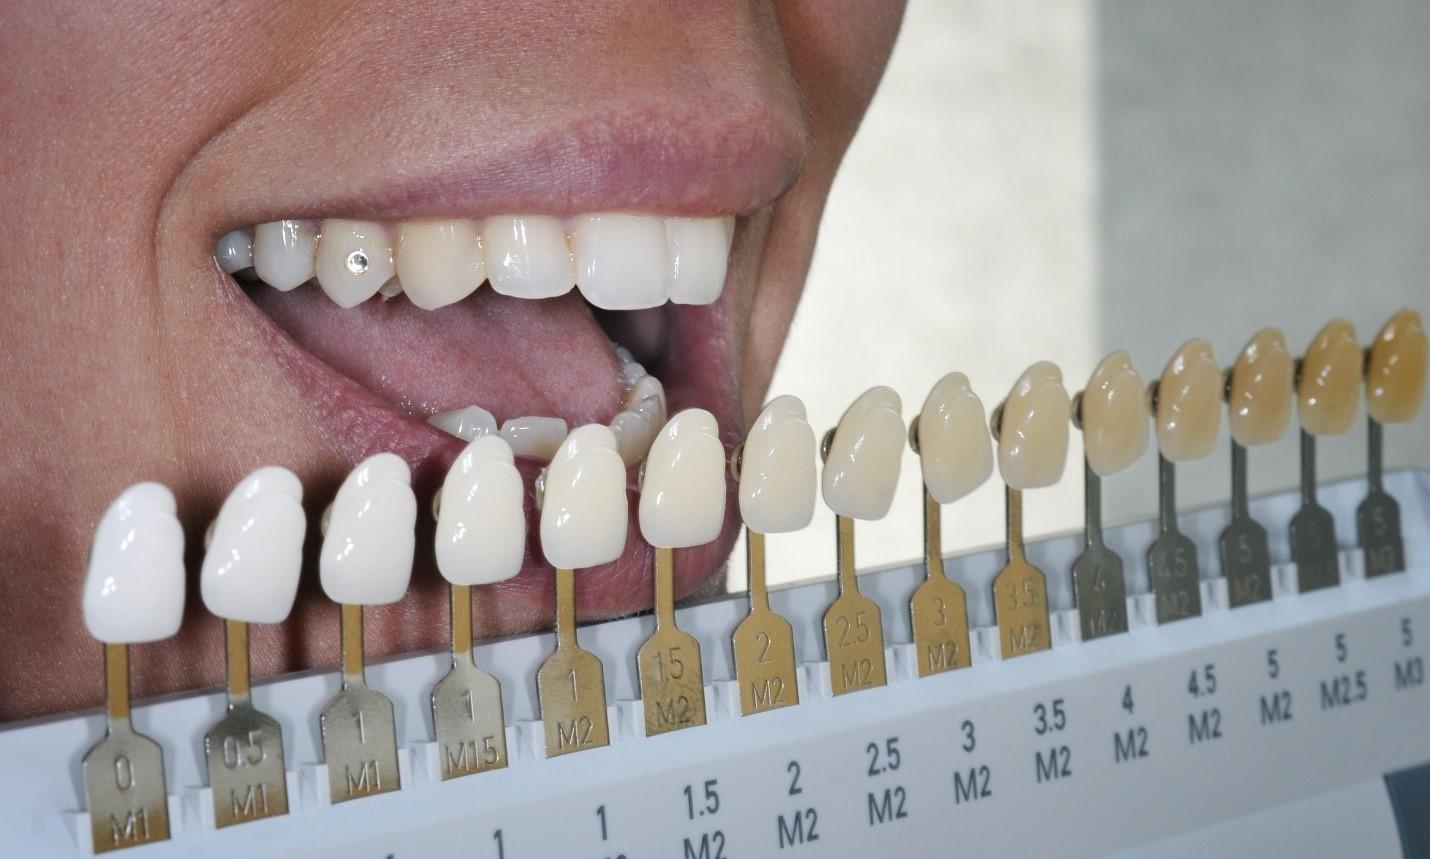 آشنایی با انواع لکه و تغییر رنگ دندان